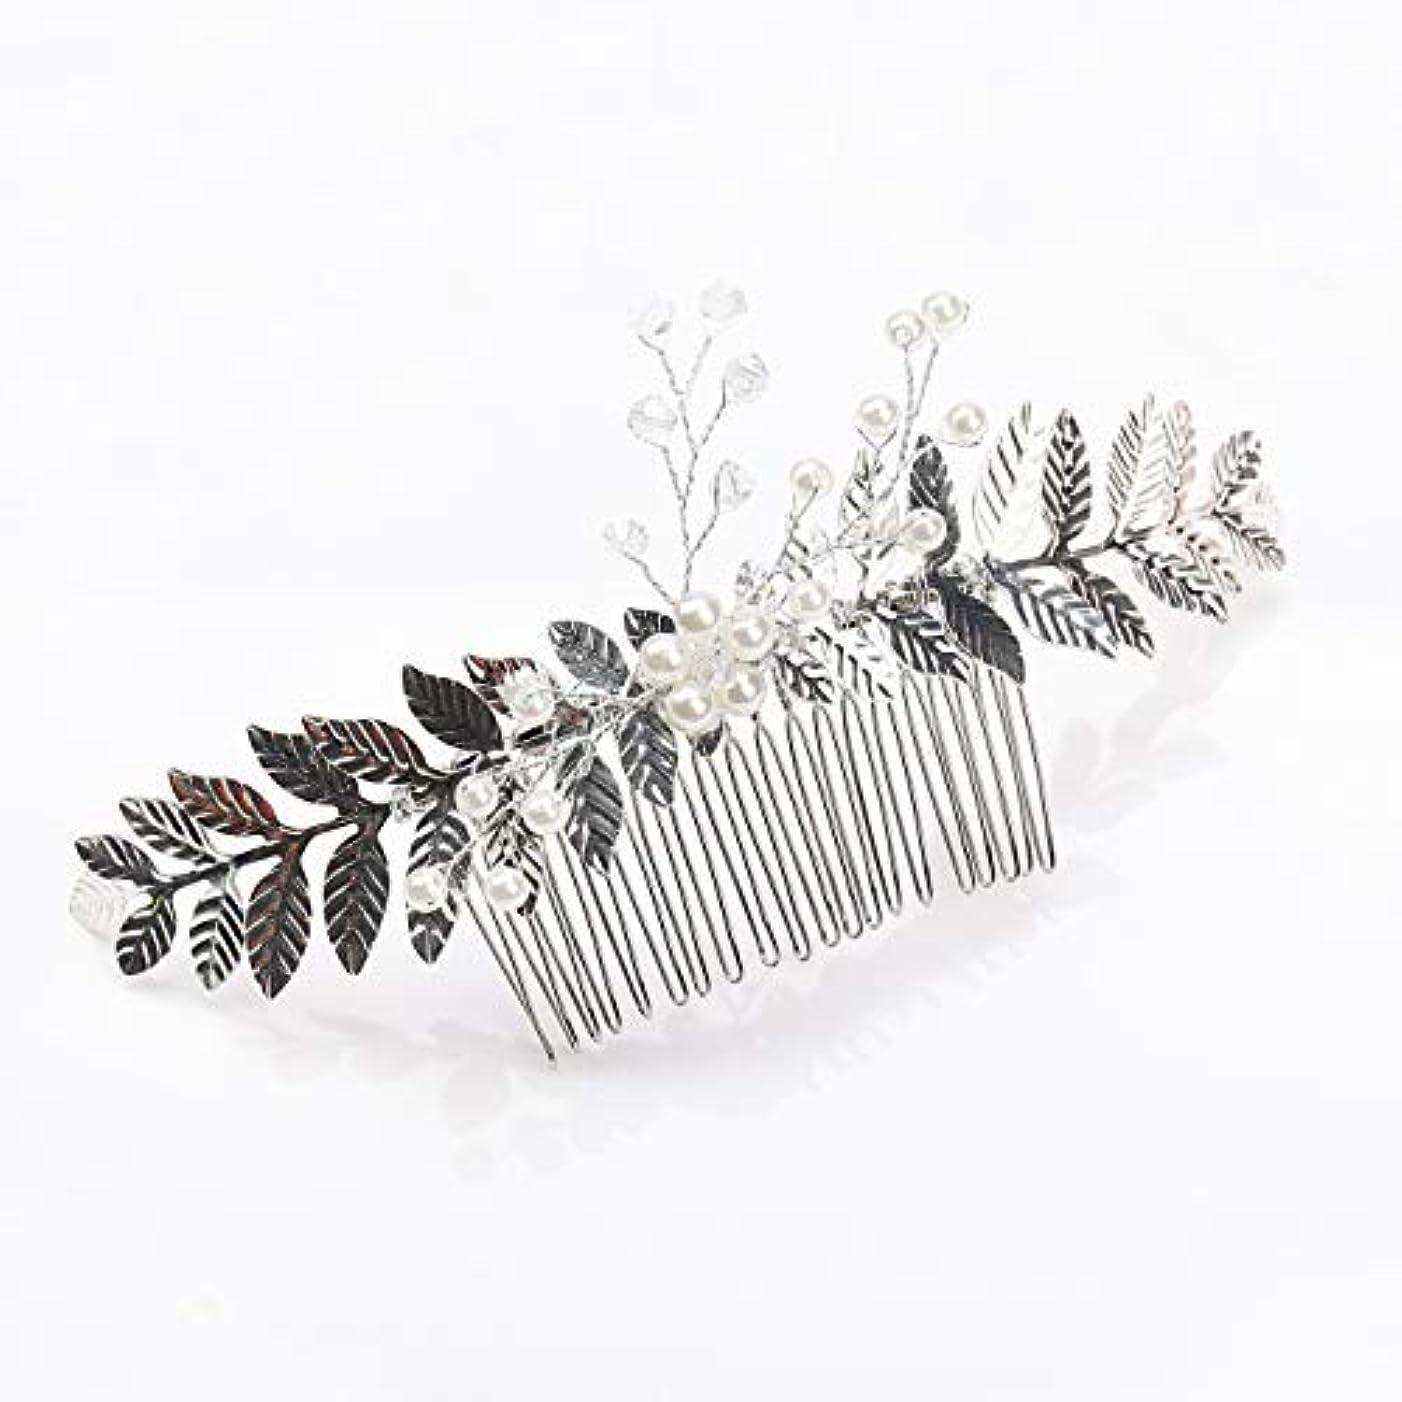 精通した気味の悪い火Kercisbeauty Rustic Wedding Oliver Branch Pearl Flower and Crystal Hair Comb for Bride Bridesmaid Prom Headpiece (Silver) [並行輸入品]